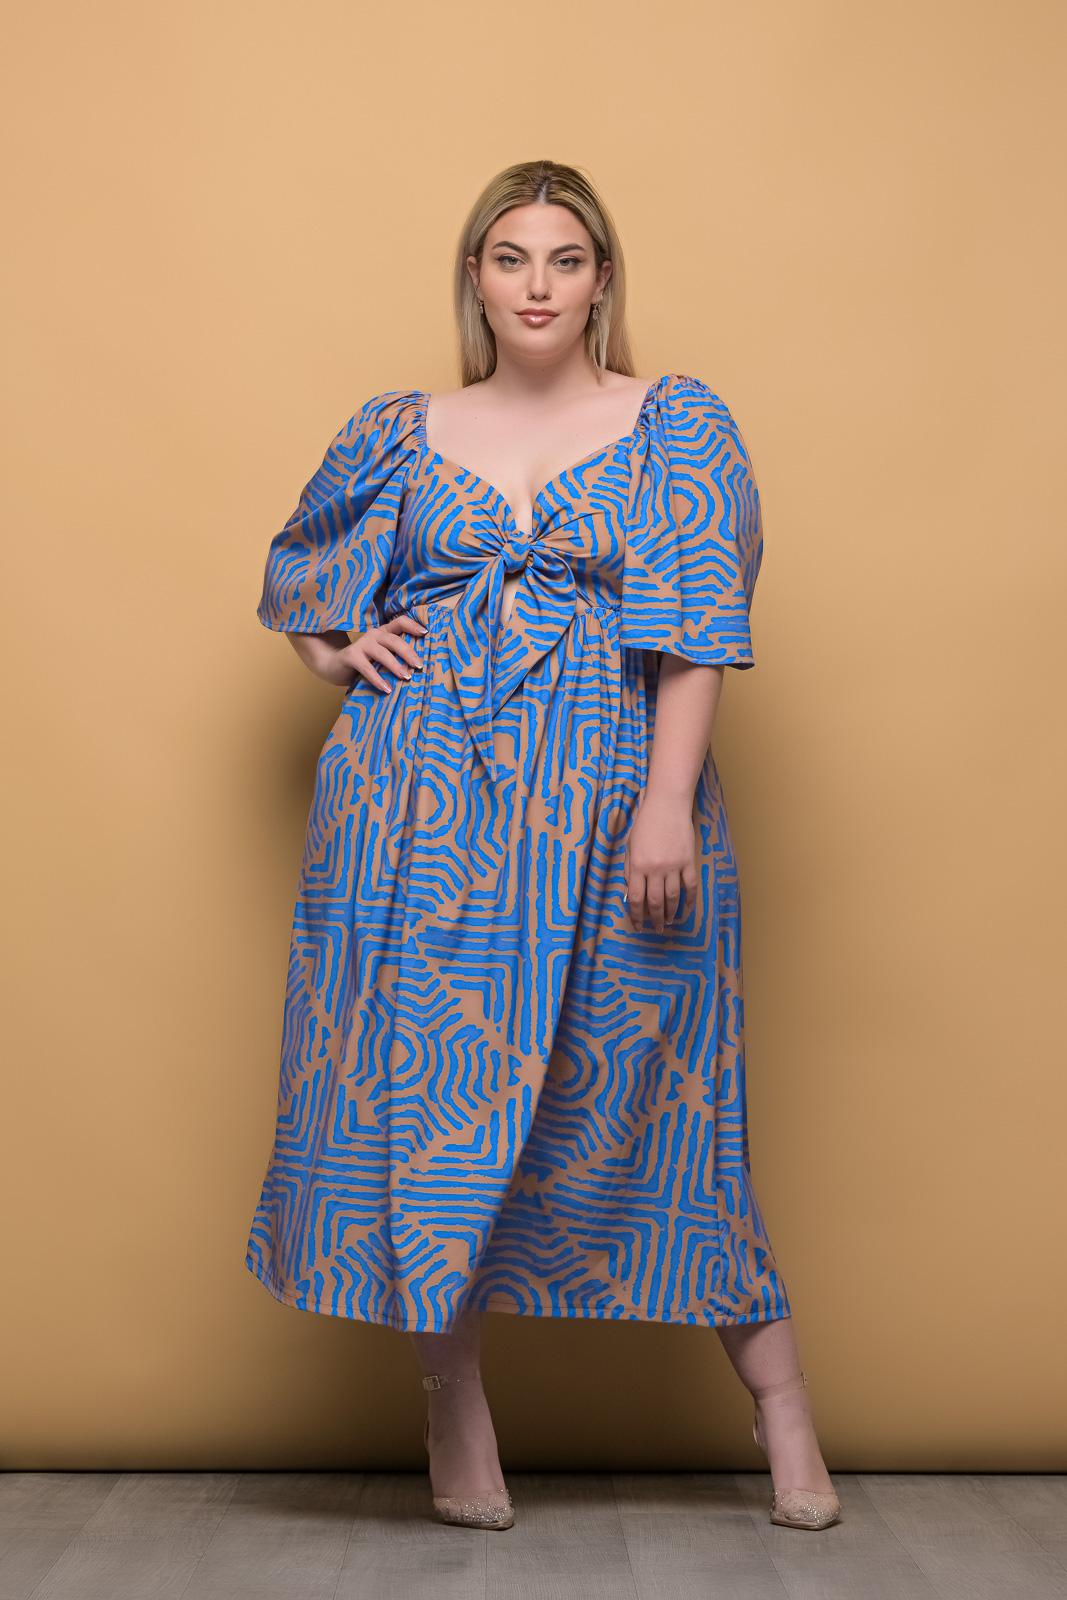 Φόρεμα μεγάλα μεγέθη εμπριμέ με δέσιμο στο στήθος και λάστιχο στη μέση.Στο eshop μας θα βρείτε οικονομικά γυναίκεια ρούχα σε μεγάλα μεγέθη και υπερμεγέθη.